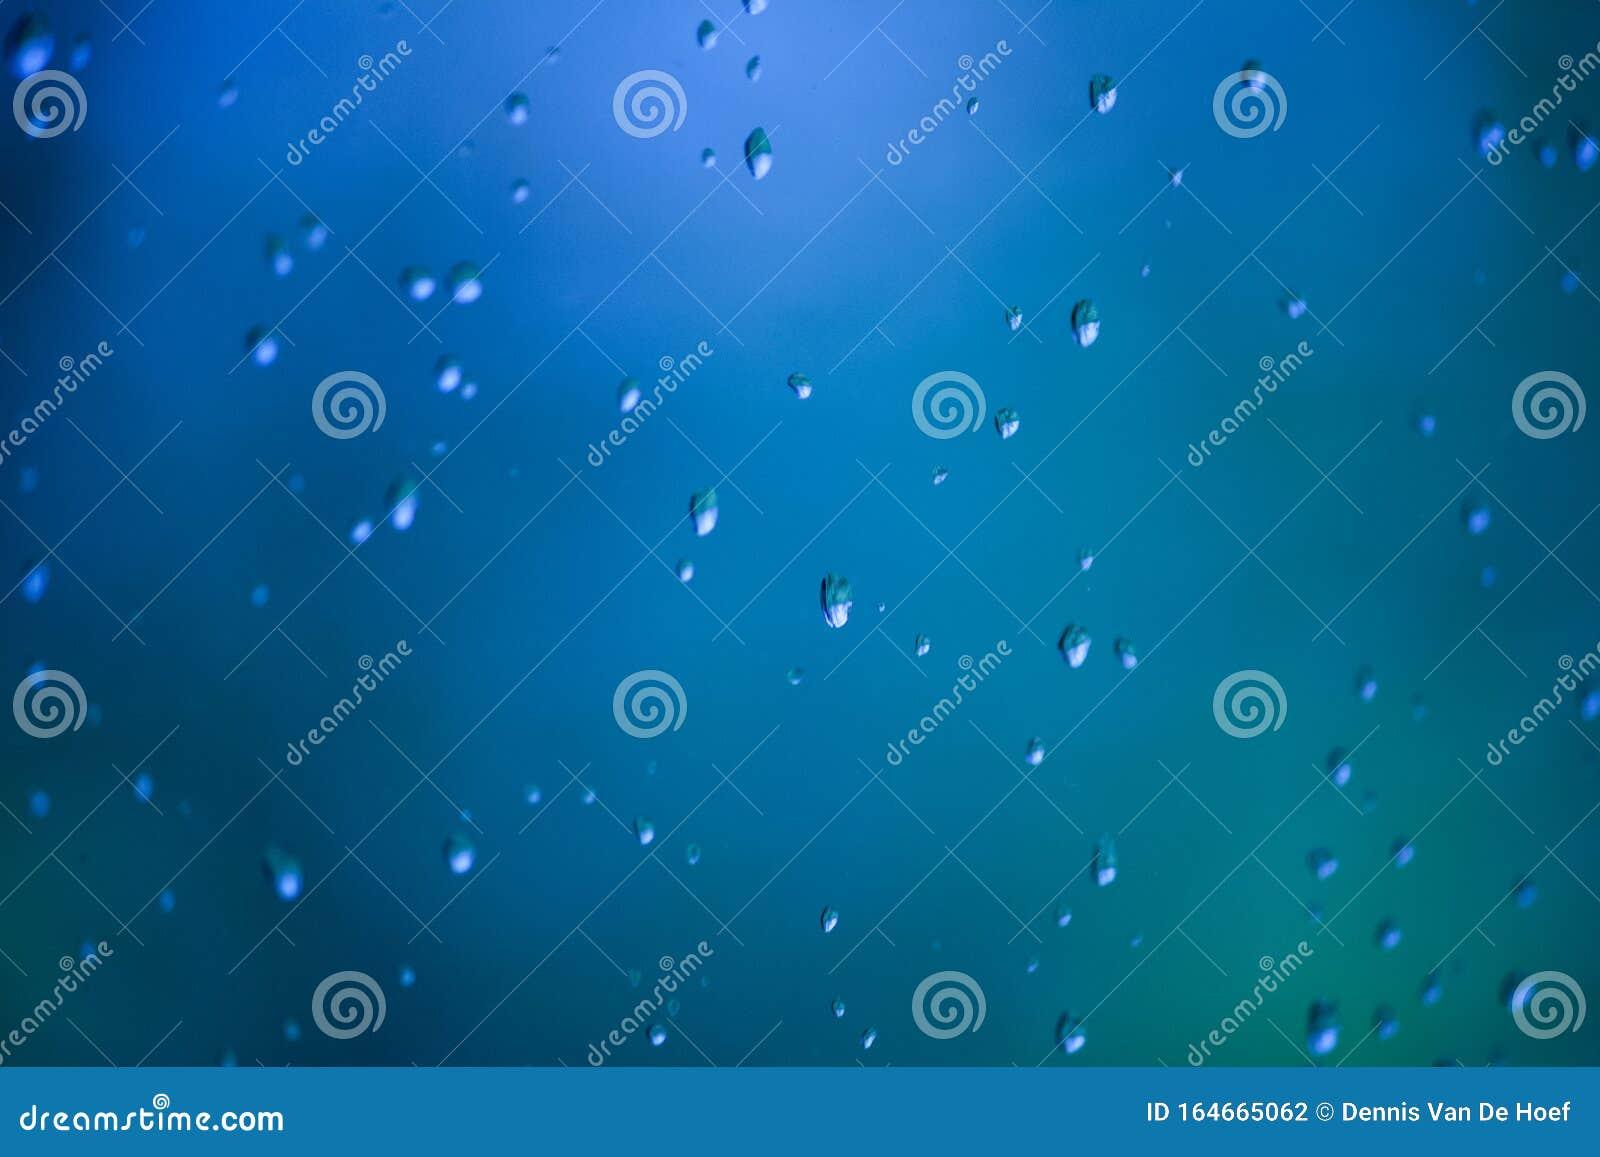 Blue water drops on a window.